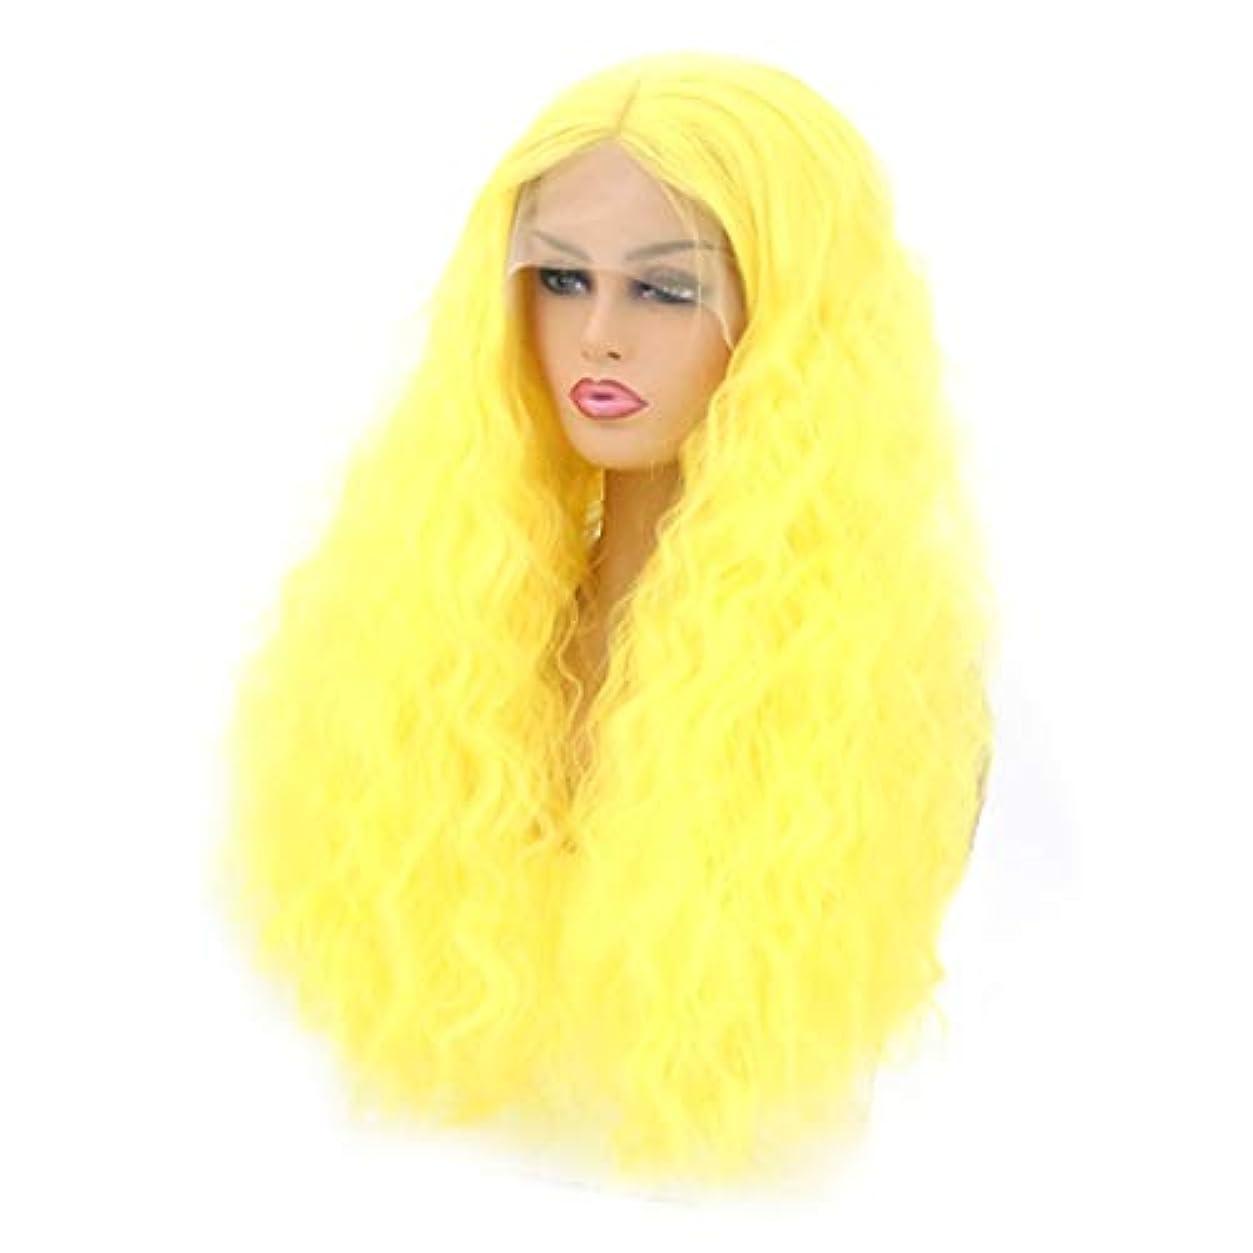 自分自身ルーフ寄付するKerwinner 本物の髪として自然な女性のための長い巻き毛の波状のかつら合成のカラフルなコスプレデイリーパーティーウィッグ (Size : 26 inches)